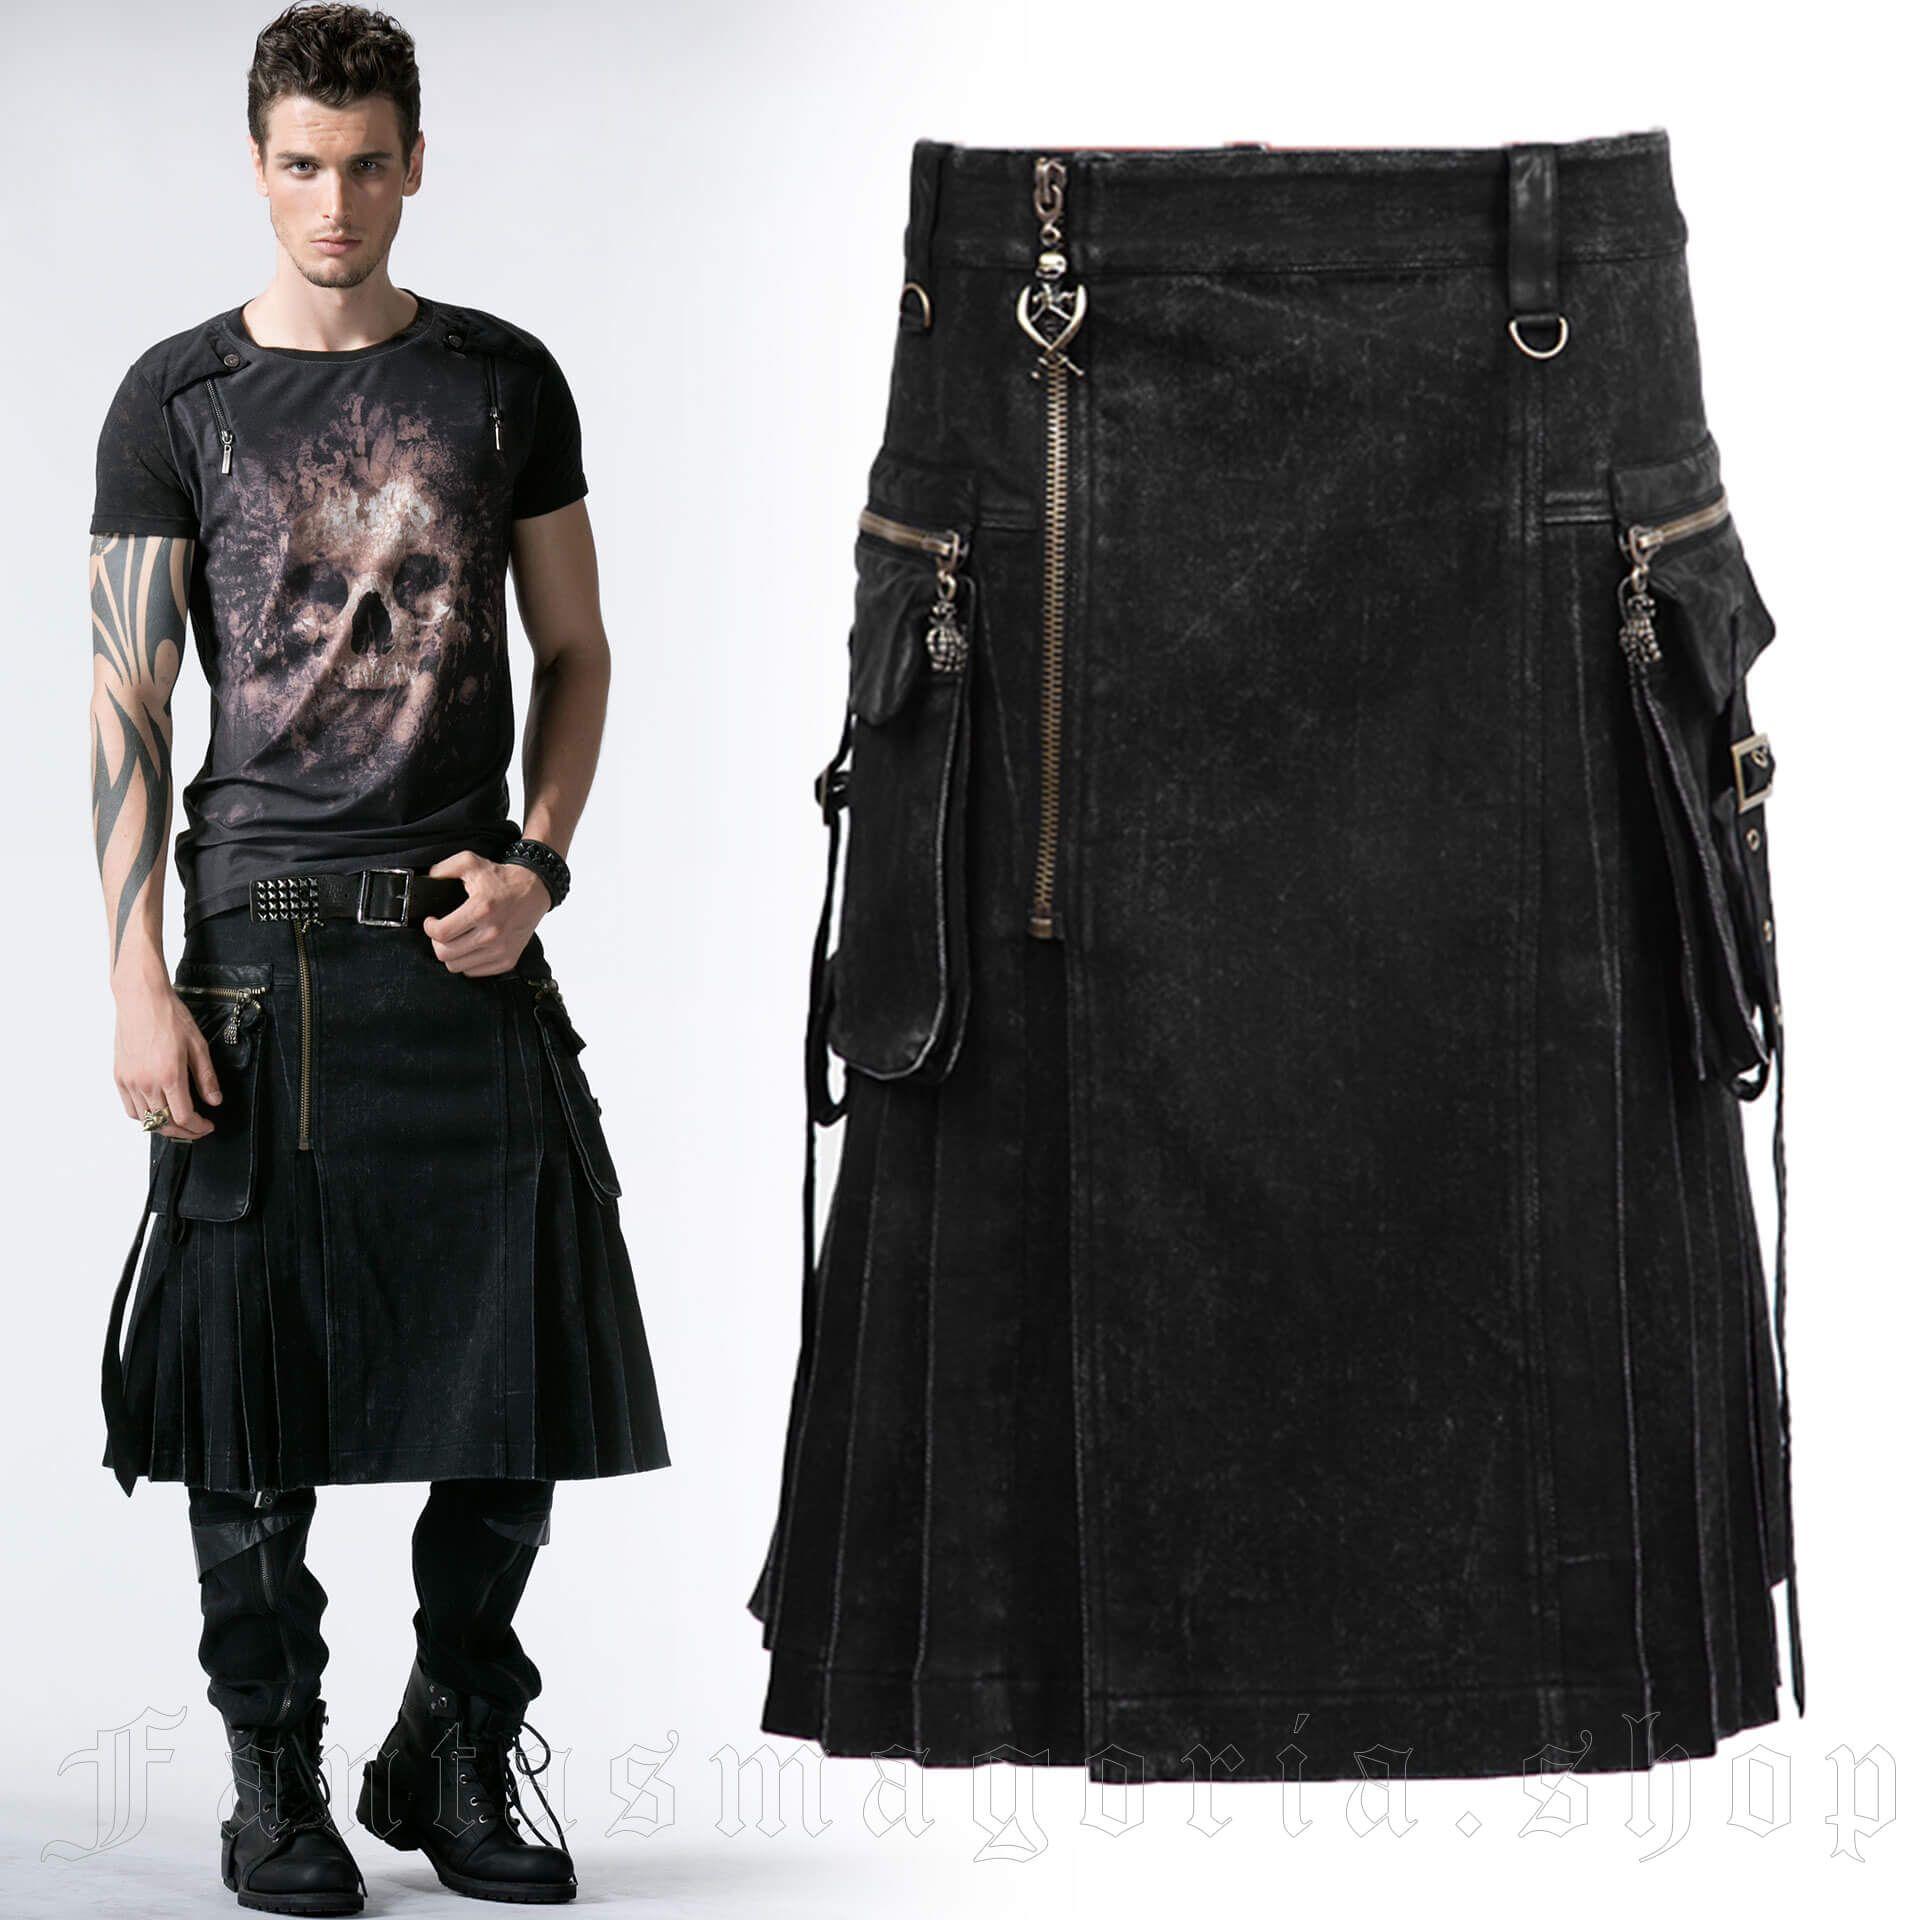 men's Berserk Kilt by PUNK RAVE brand, code: Q-225/BK